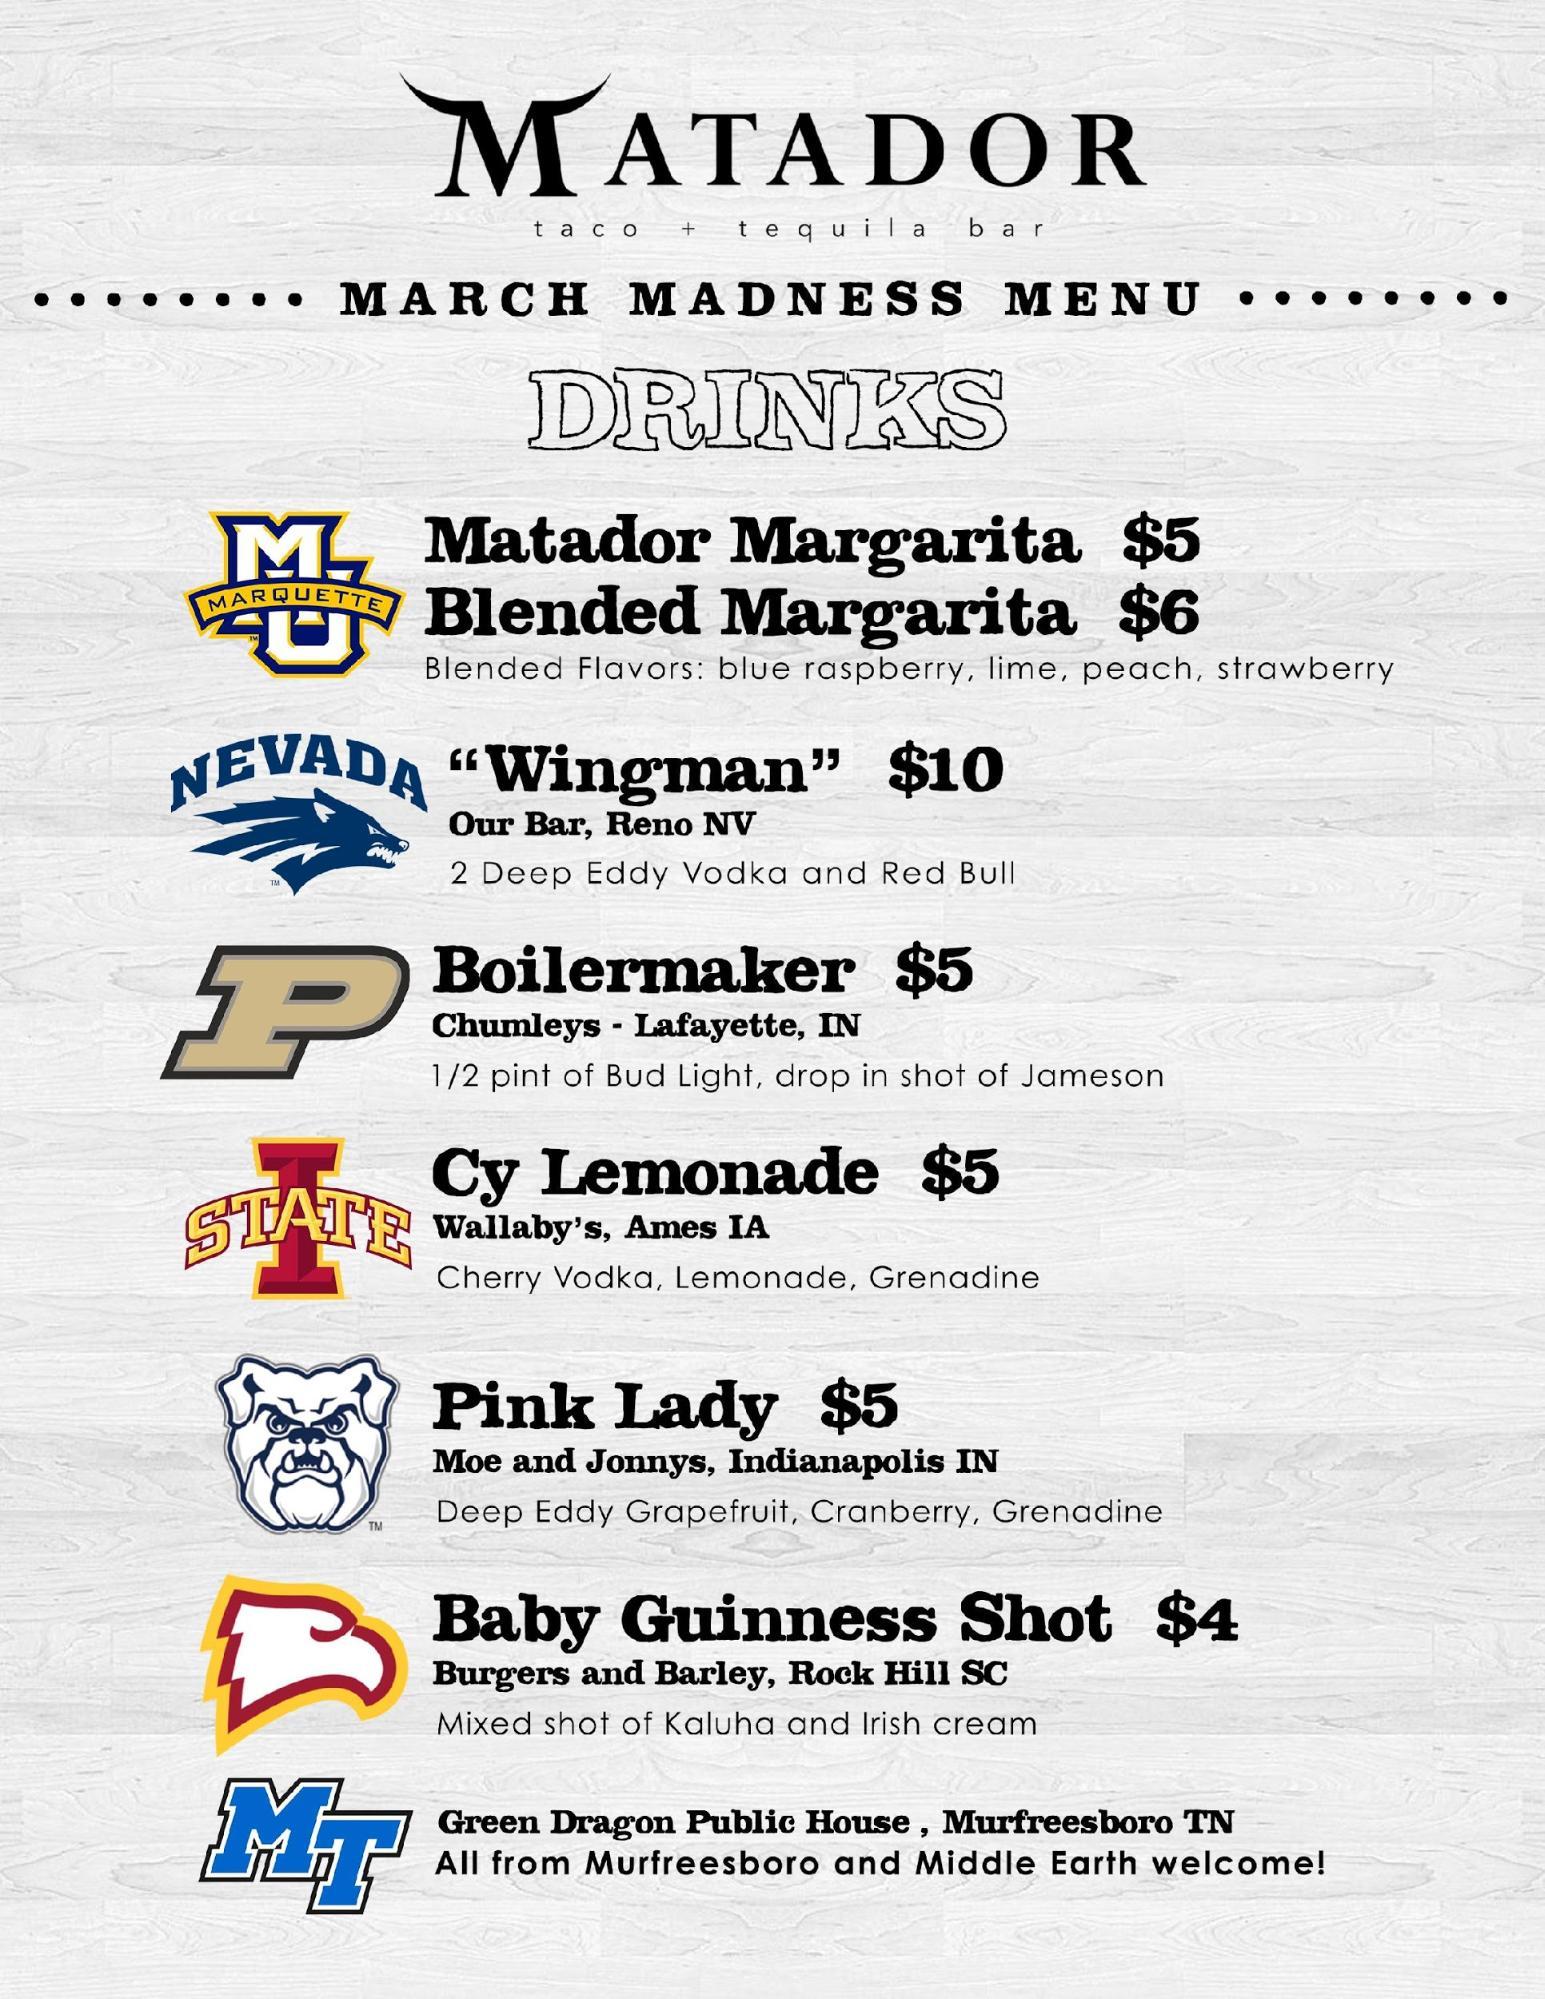 Matador Taco & Tequila Bar NCAA Menu.